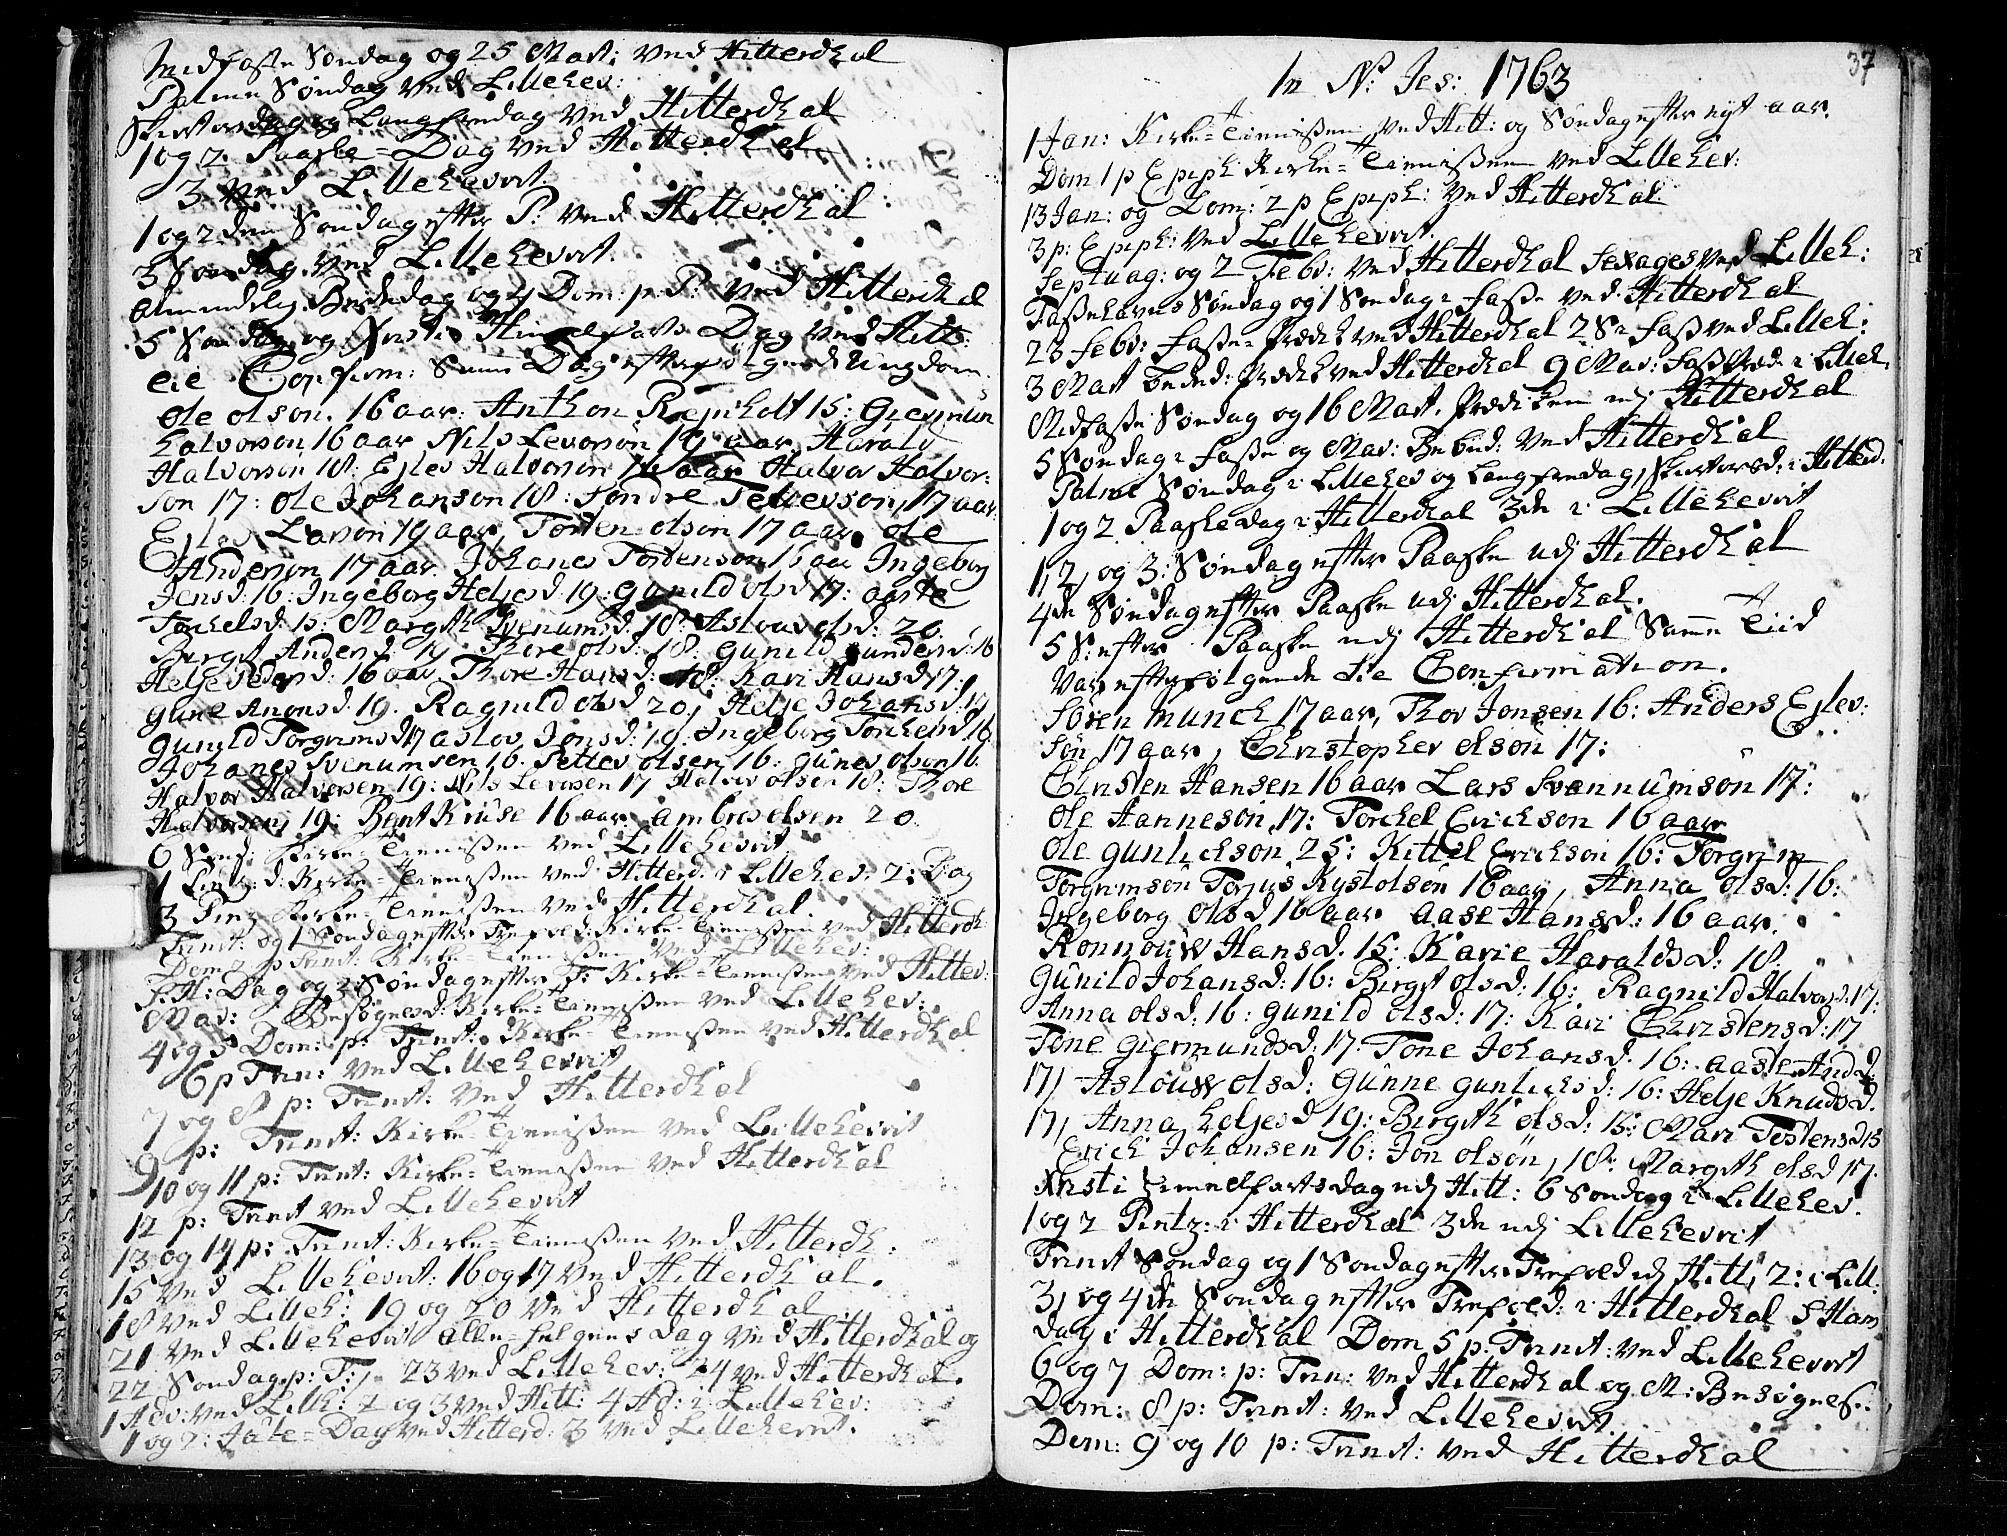 SAKO, Heddal kirkebøker, F/Fa/L0003: Ministerialbok nr. I 3, 1723-1783, s. 37